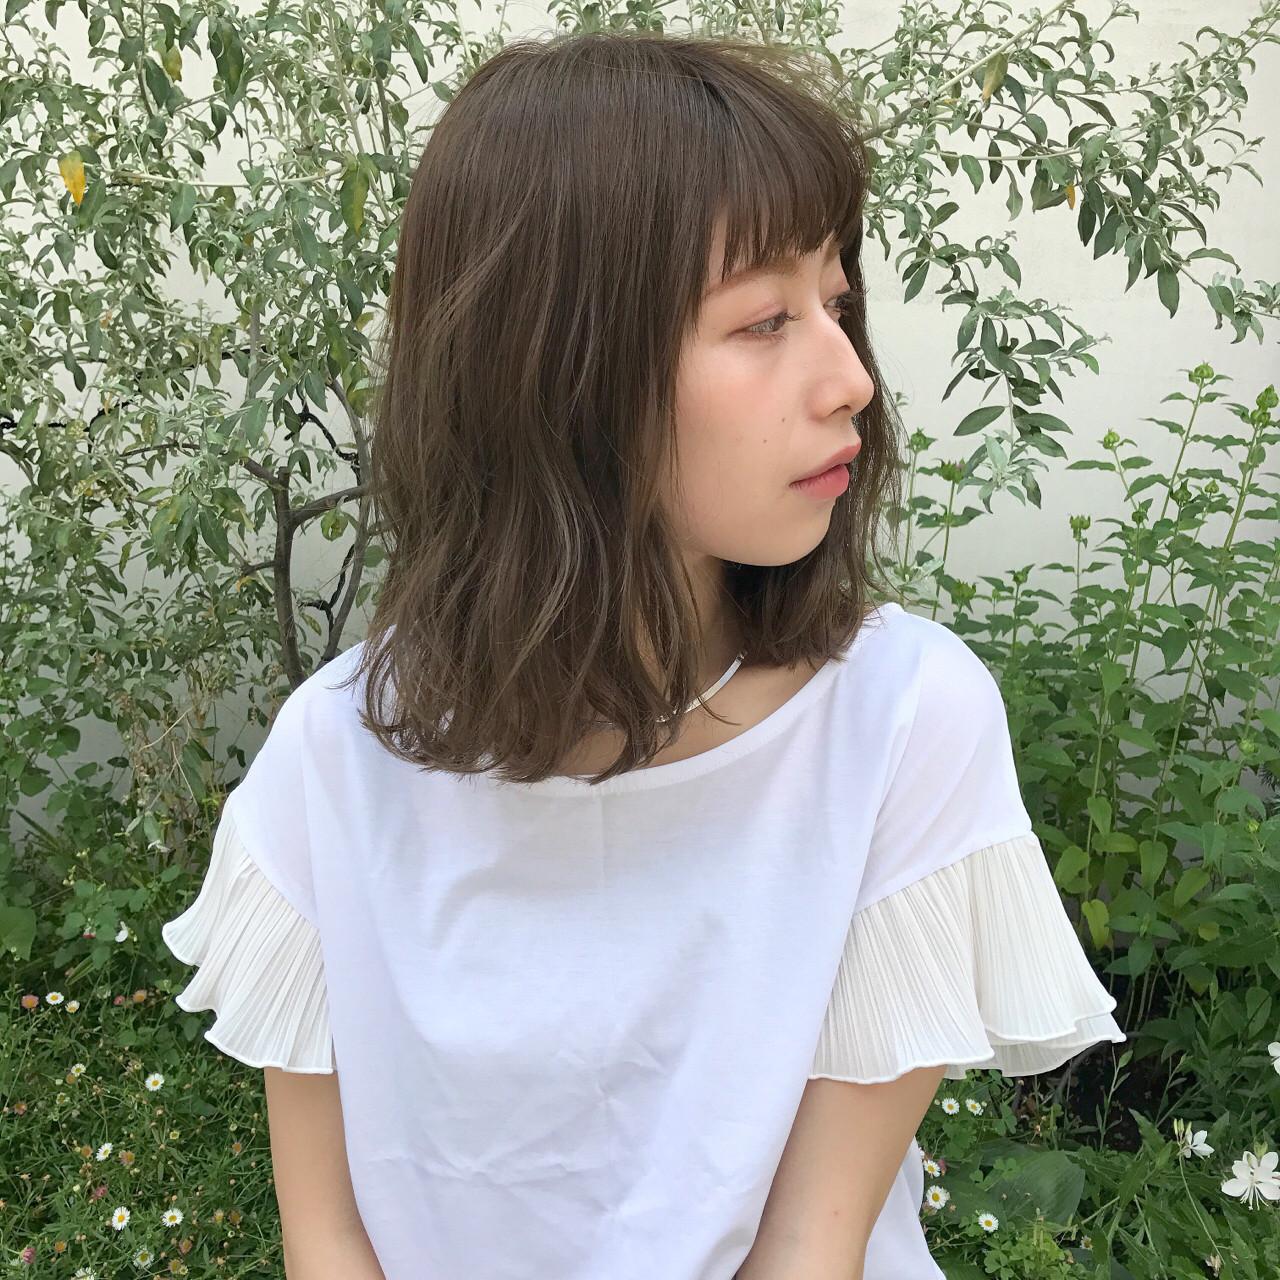 ミディアム ロブ ゆるふわ 透明感 ヘアスタイルや髪型の写真・画像